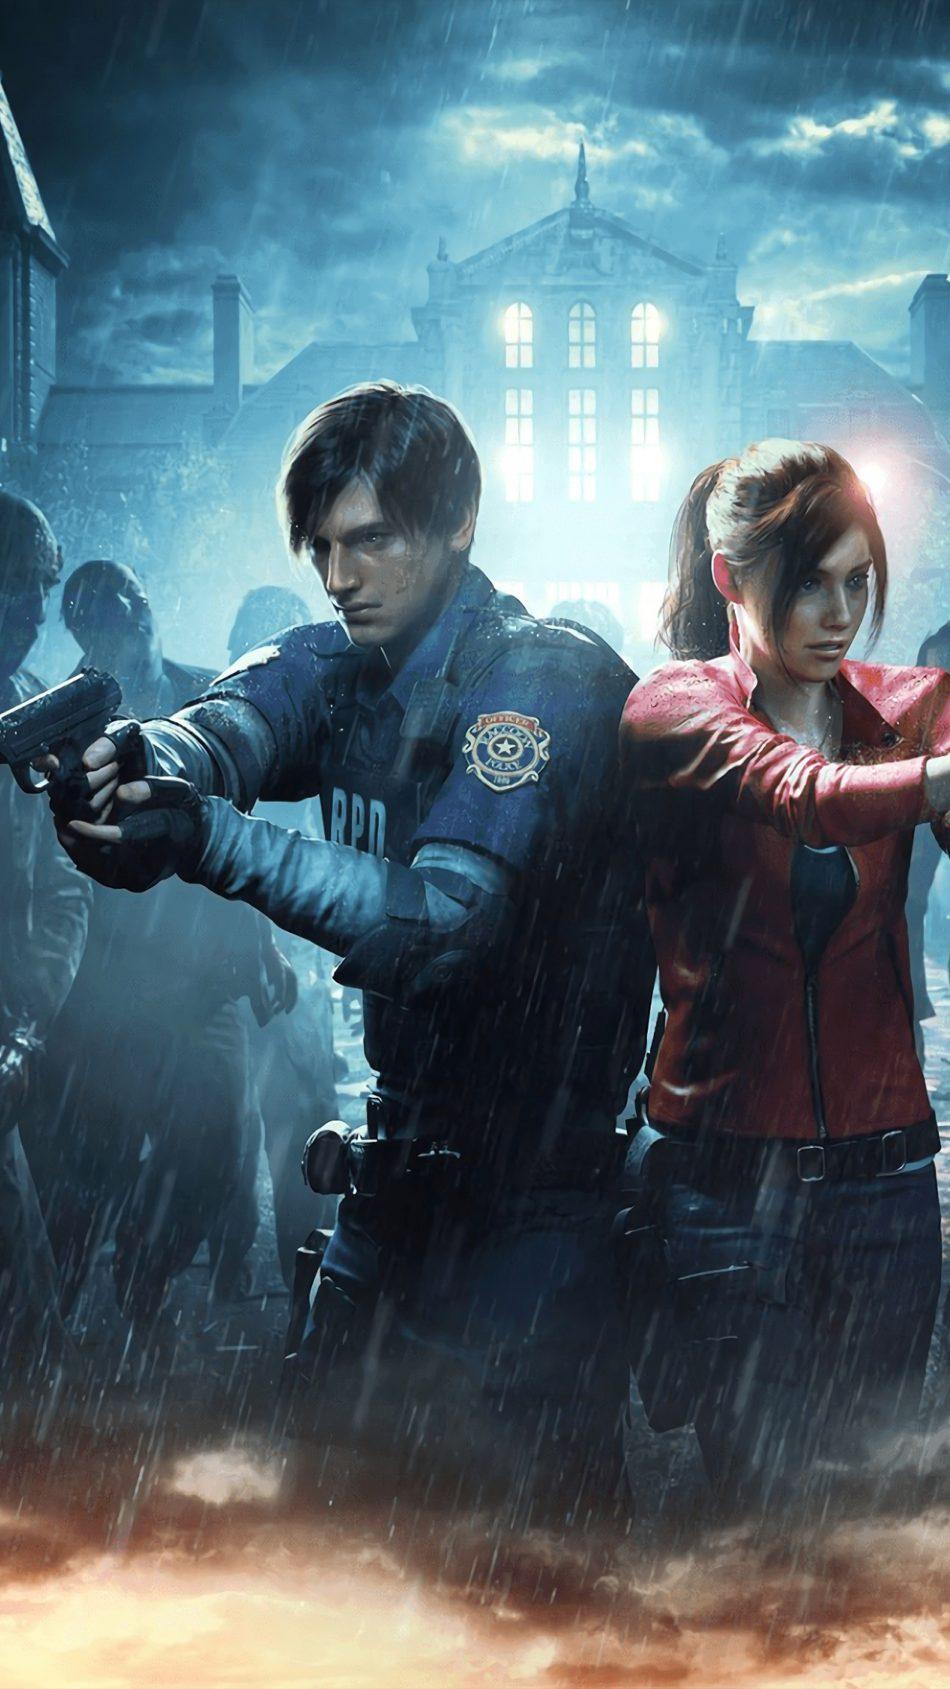 Resident Evil 2 Game 2019 4k Ultra Hd Mobile Wallpaper